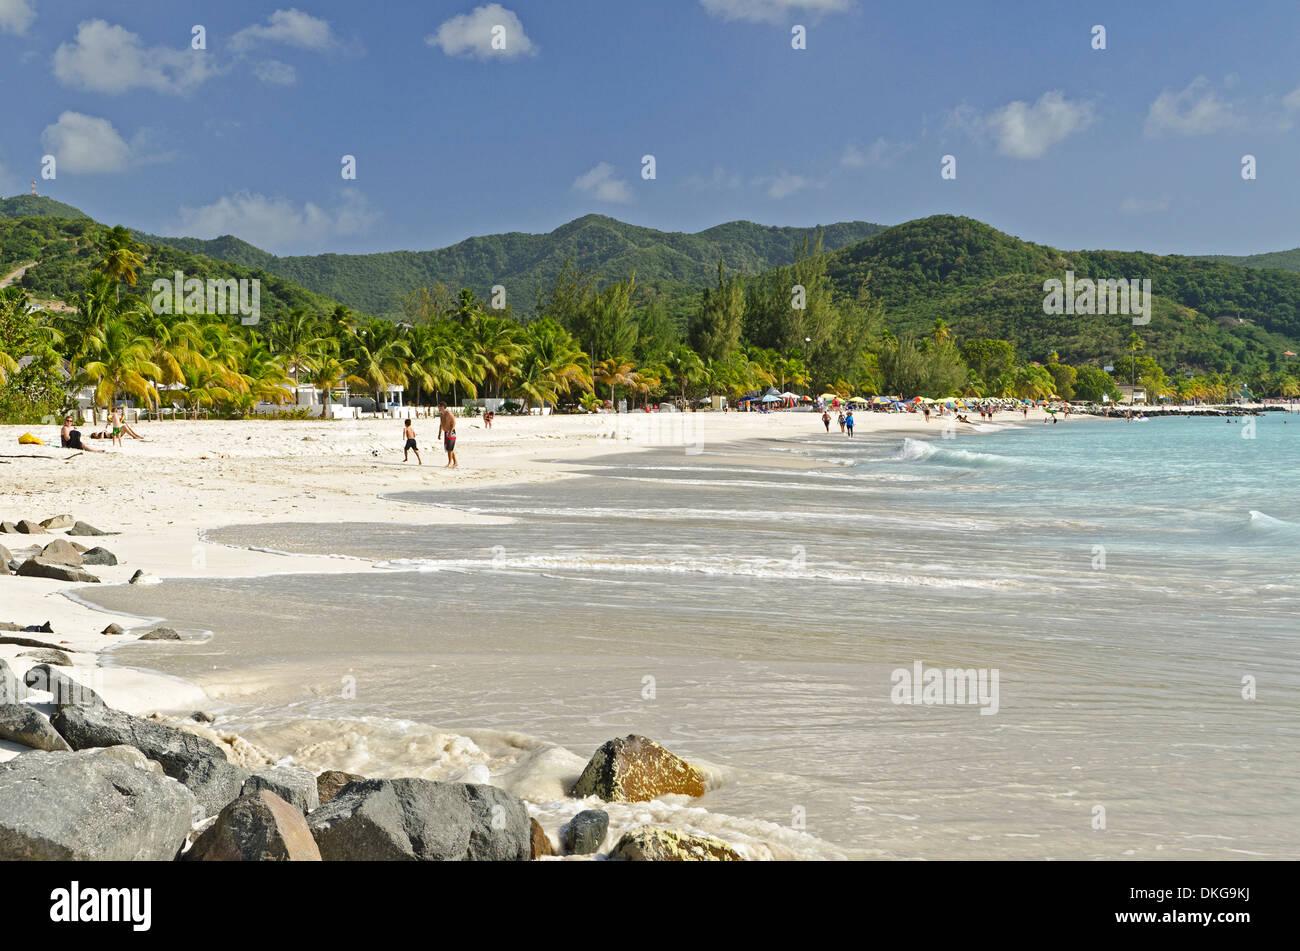 Jolly Beach, Antigua, Petites Antilles, dans les Caraïbes, l'Amérique Photo Stock